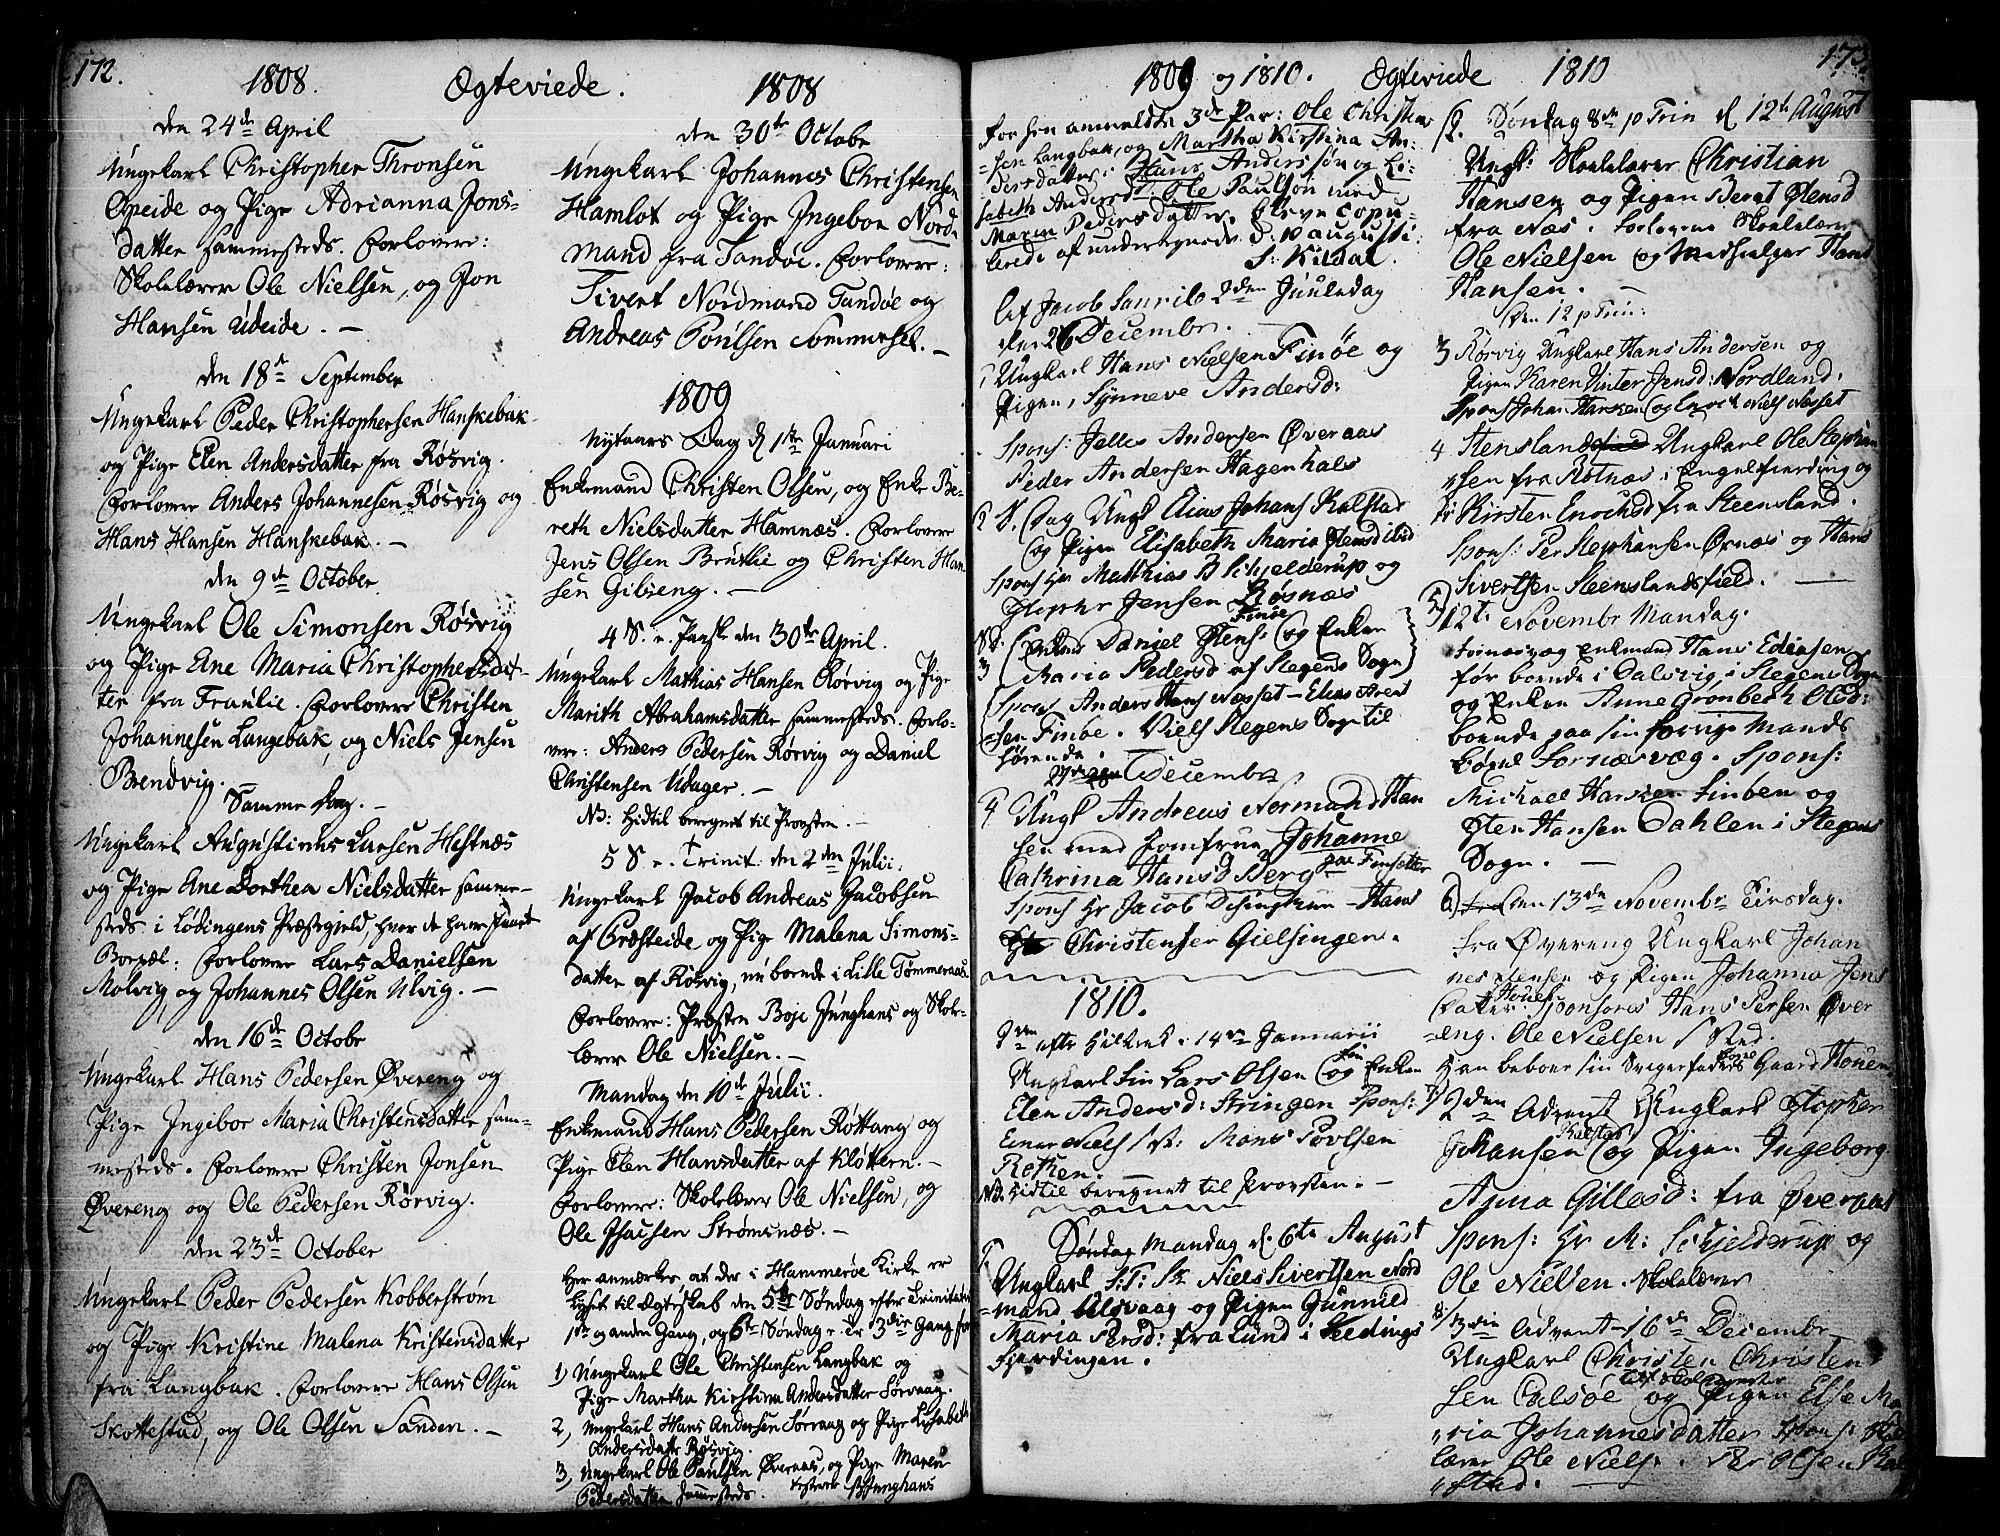 SAT, Ministerialprotokoller, klokkerbøker og fødselsregistre - Nordland, 859/L0841: Parish register (official) no. 859A01, 1766-1821, p. 172-173